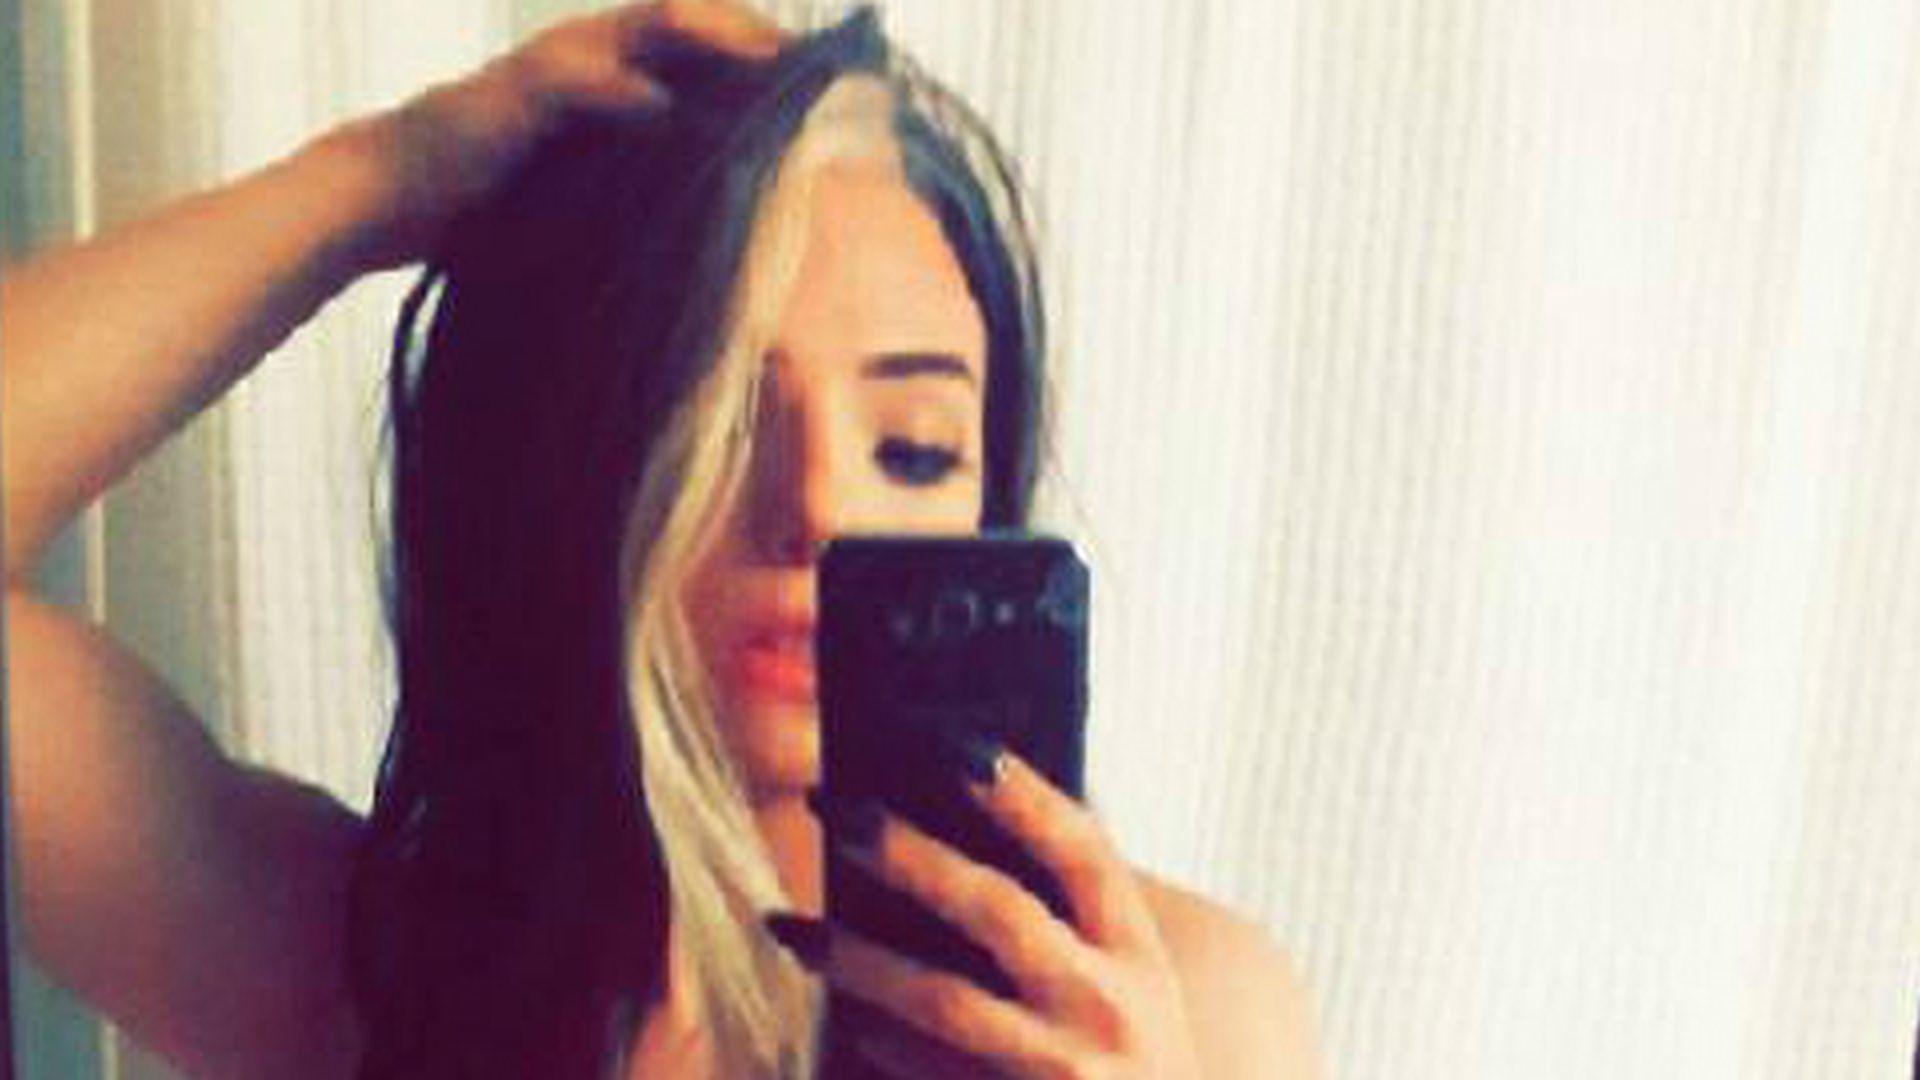 Kurven dank strogen trans star stef in unterw sche for Spiegel runterladen